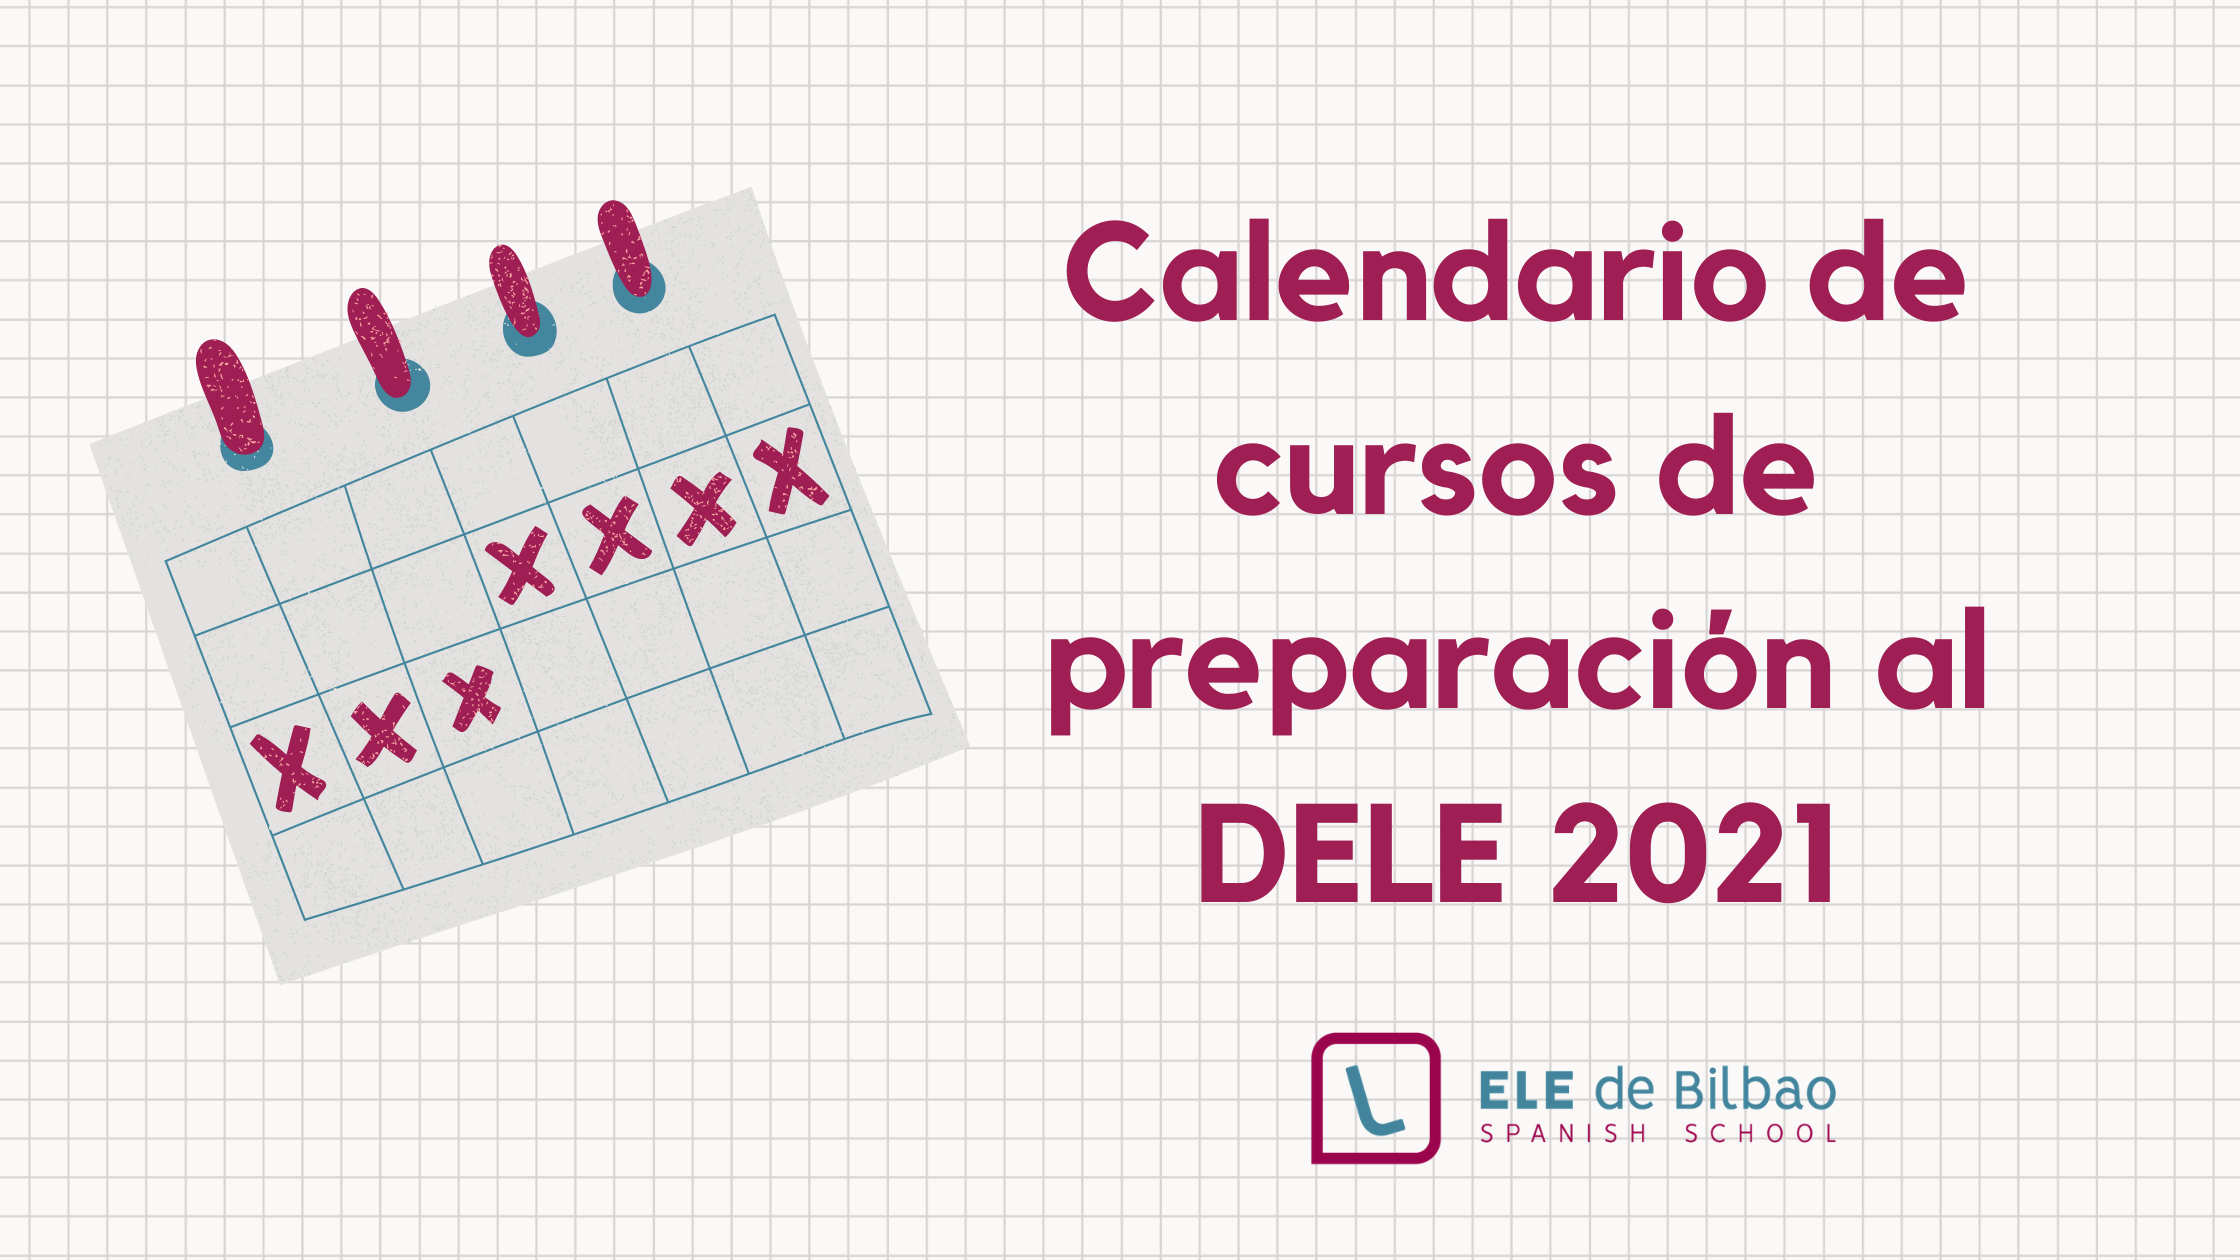 calendario de cursos de preparación al DELE 2021